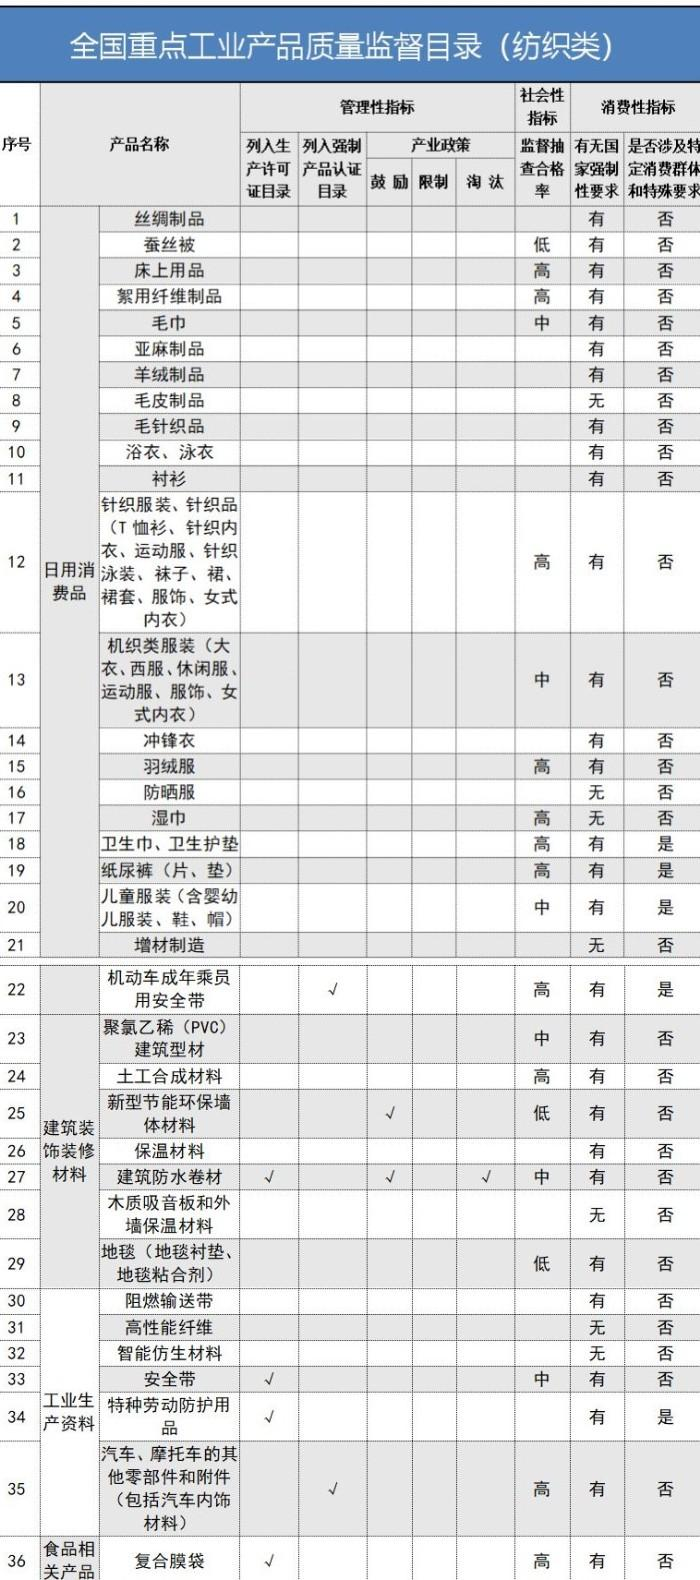 36类纺织产品列入全国重点工业产品质量监督目录